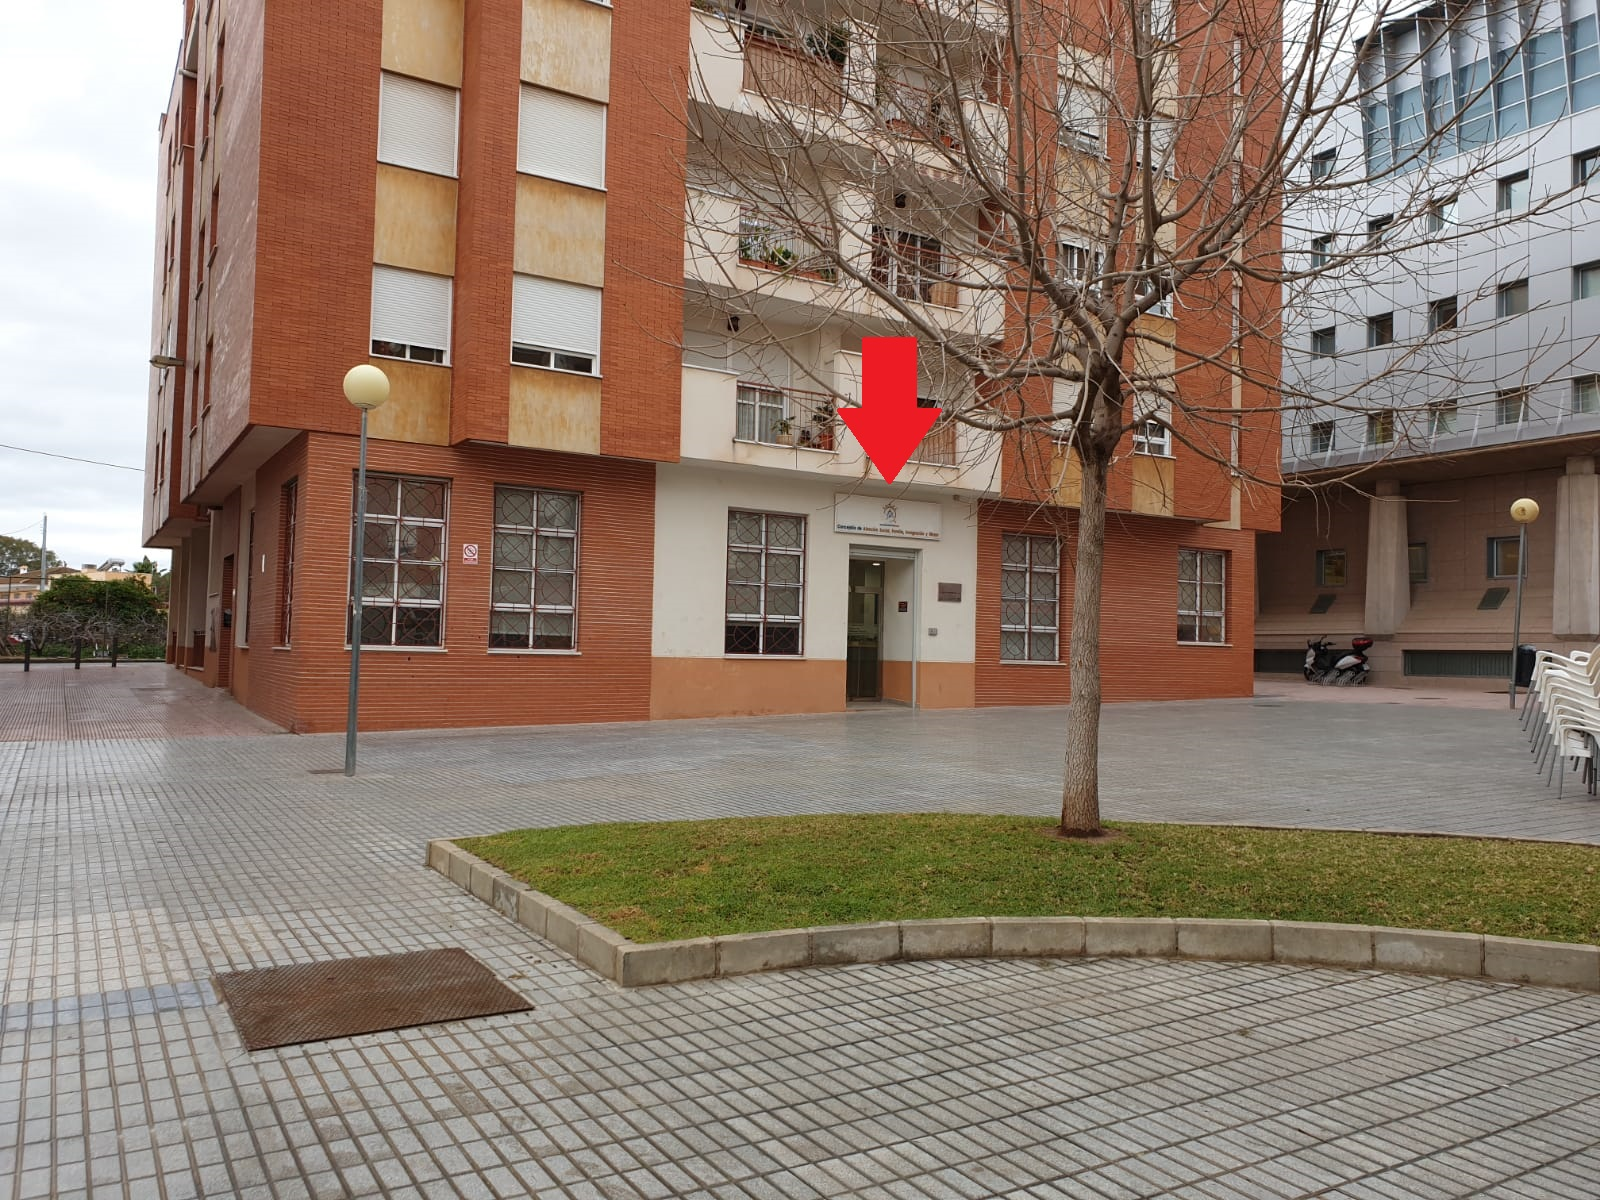 Entrada al edificio Centro de Servicios Sociales